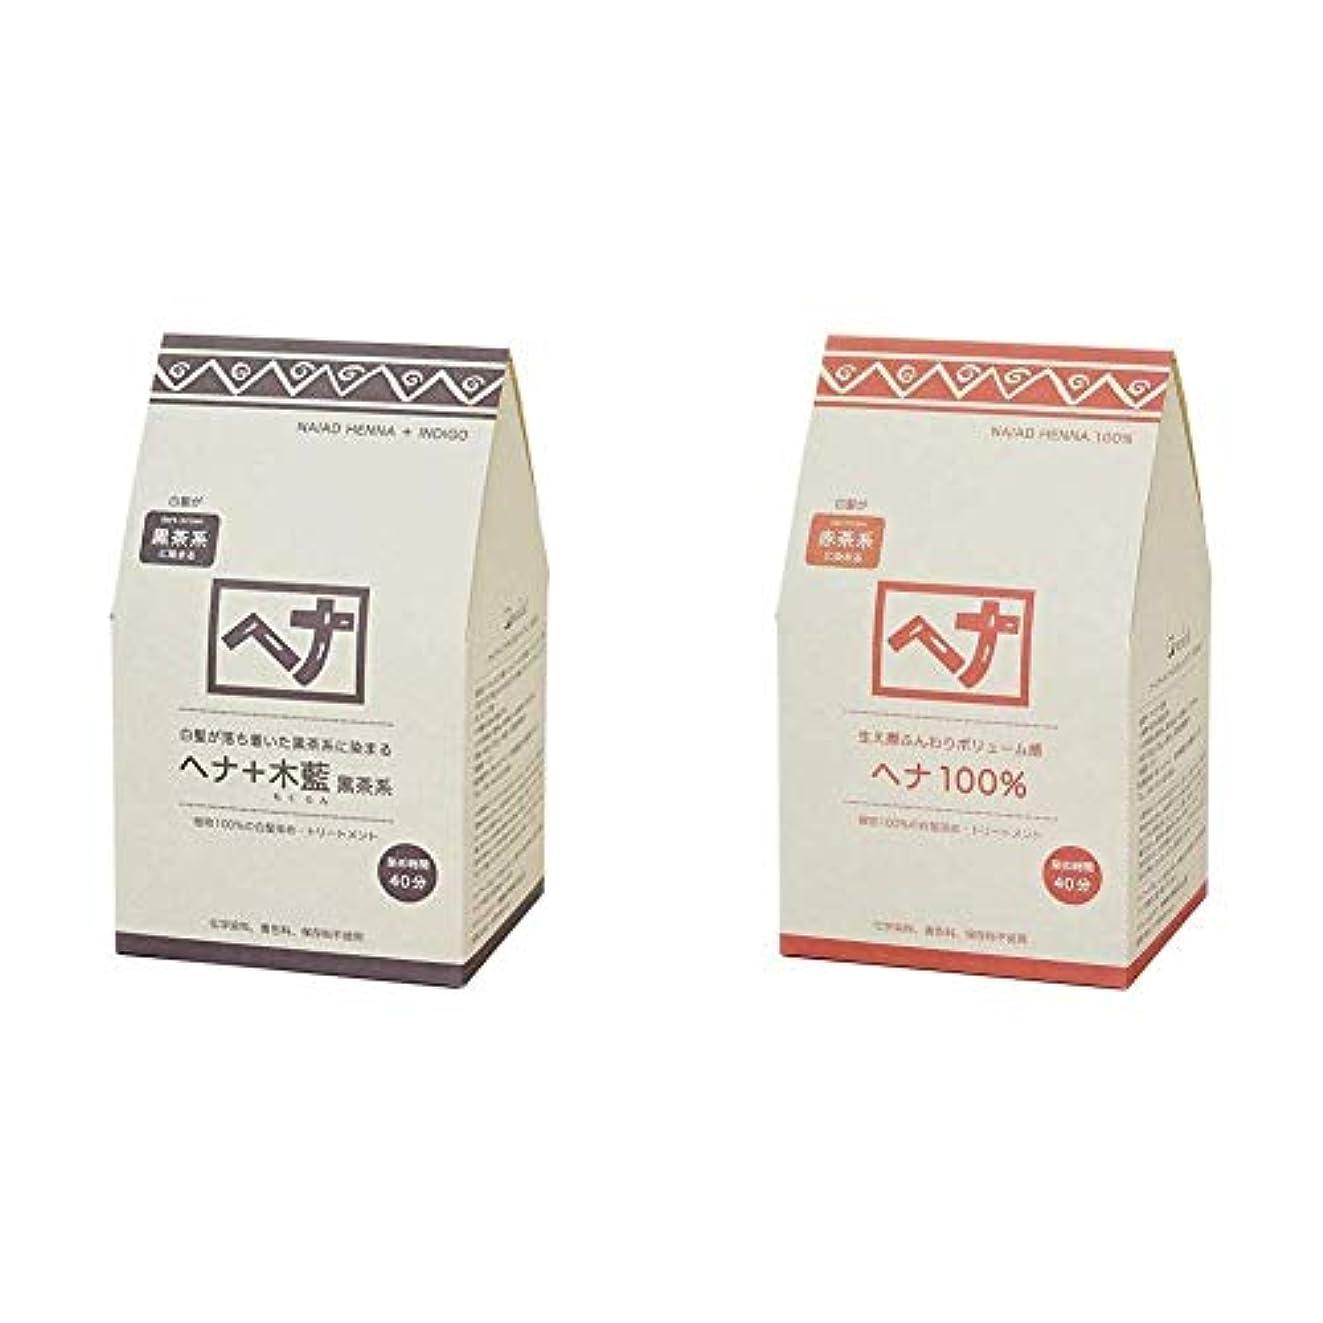 陰謀物理暖かさNaiad(ナイアード) ヘナ+木藍 黒茶系 400g & ヘナ 100% 400g